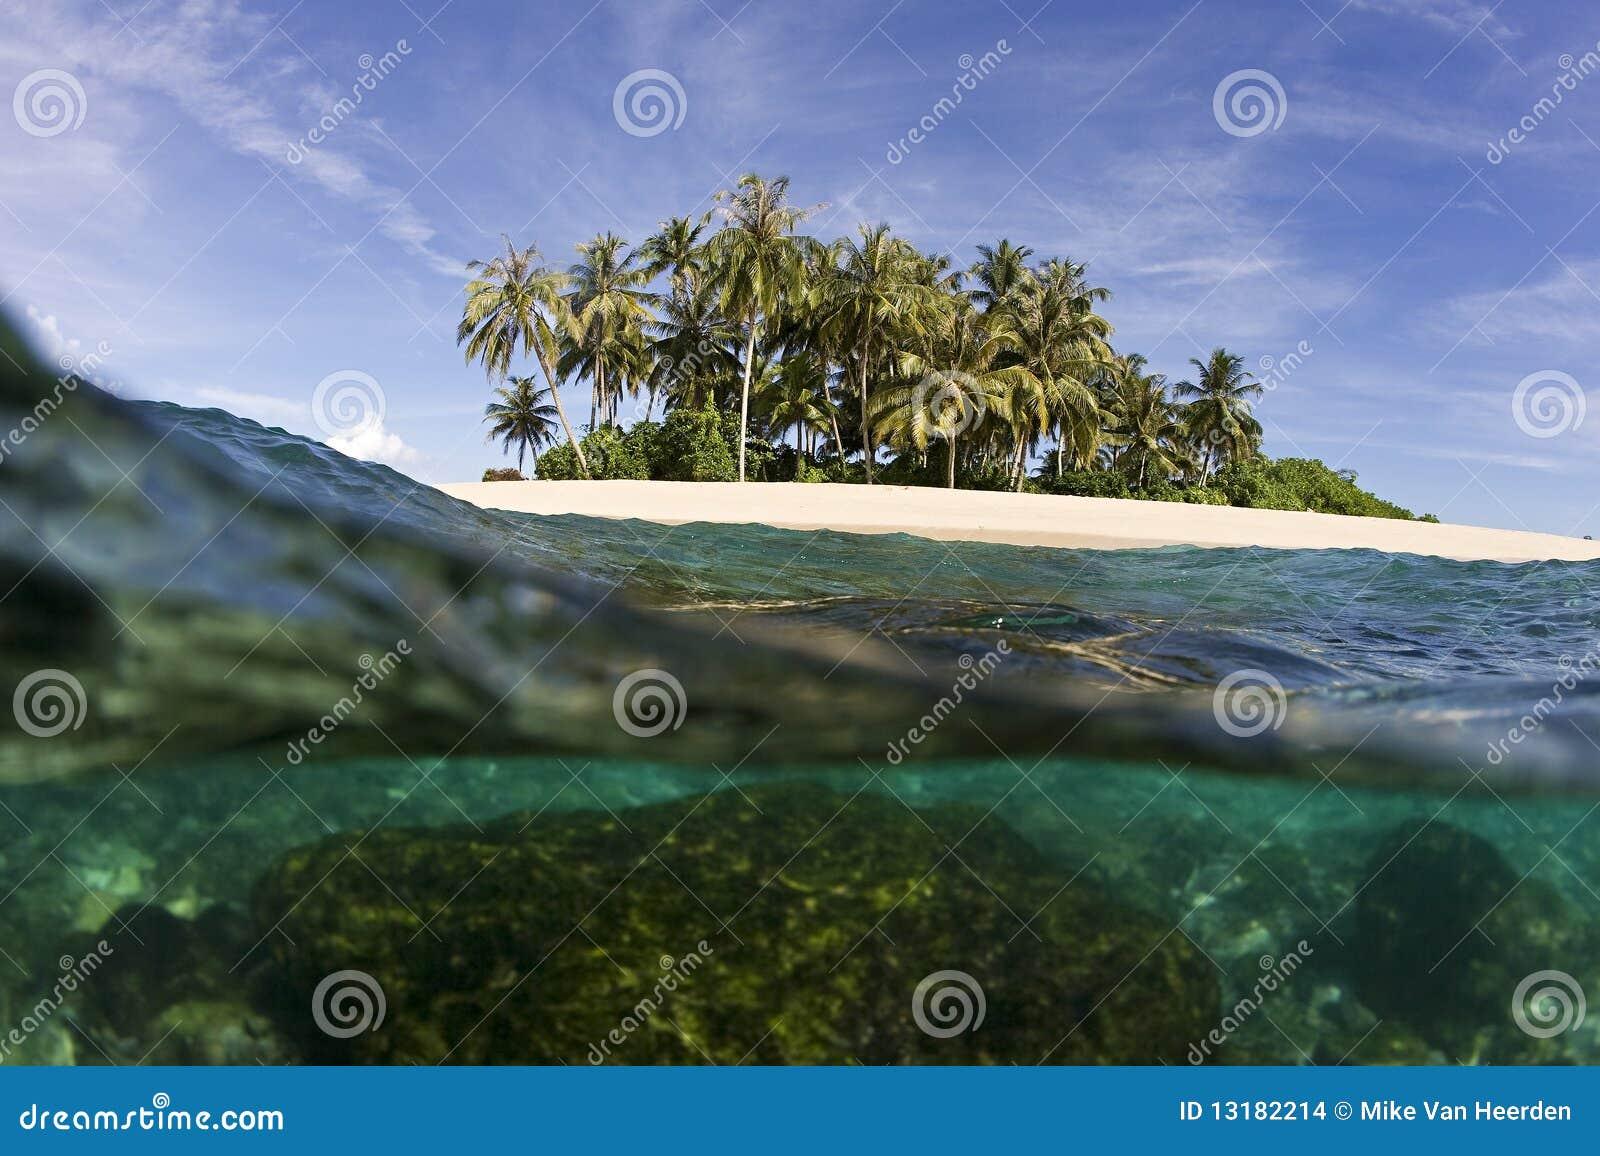 Tropische eiland en oceaan